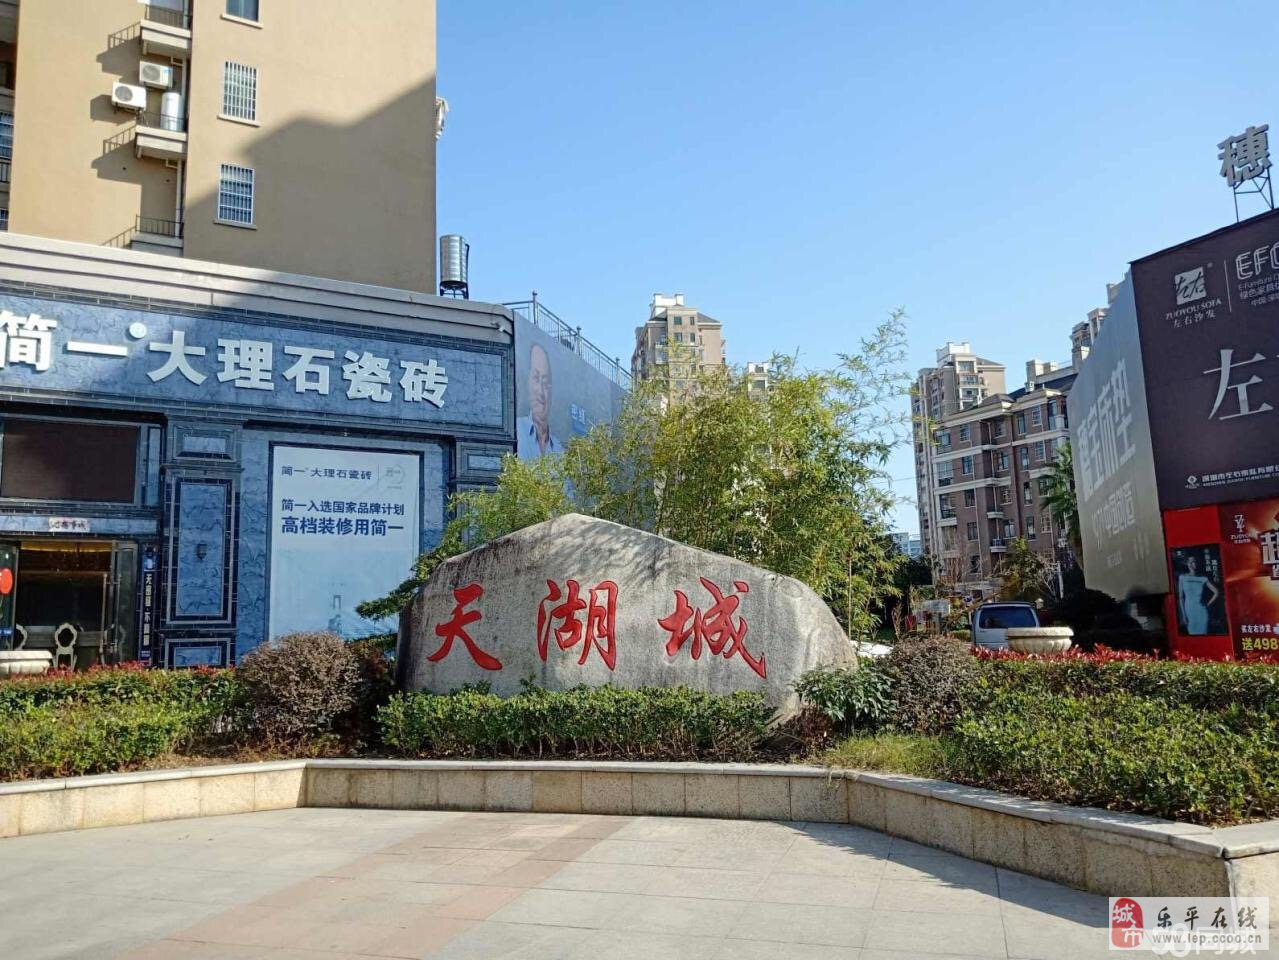 鴻宇天湖城4室2廳2衛120萬元(16298)